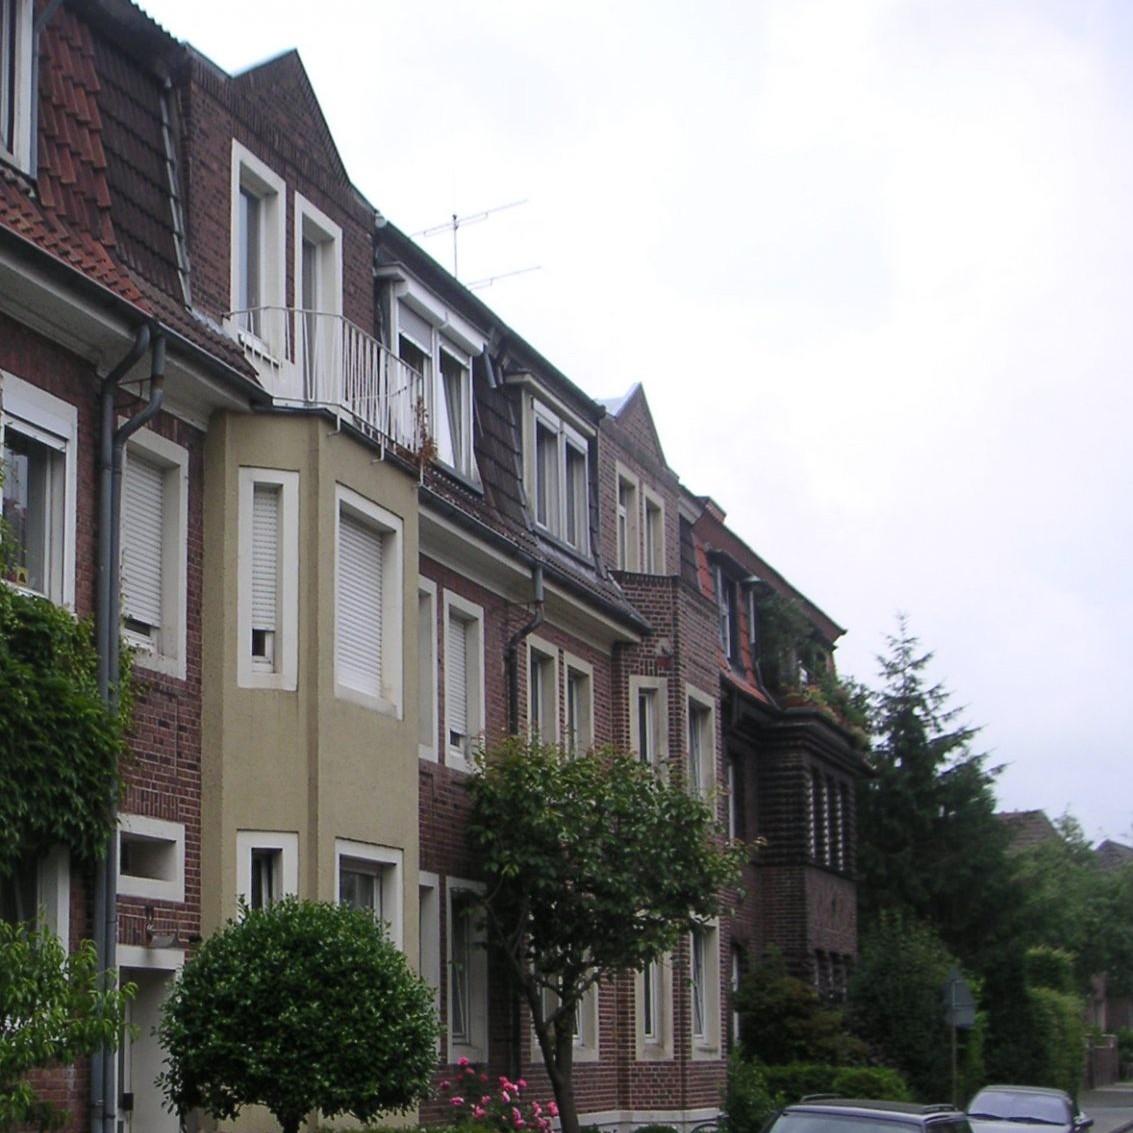 Münster vor Ort: Wohnen in Blitzdorf - Foto: Stefan Rethfeld